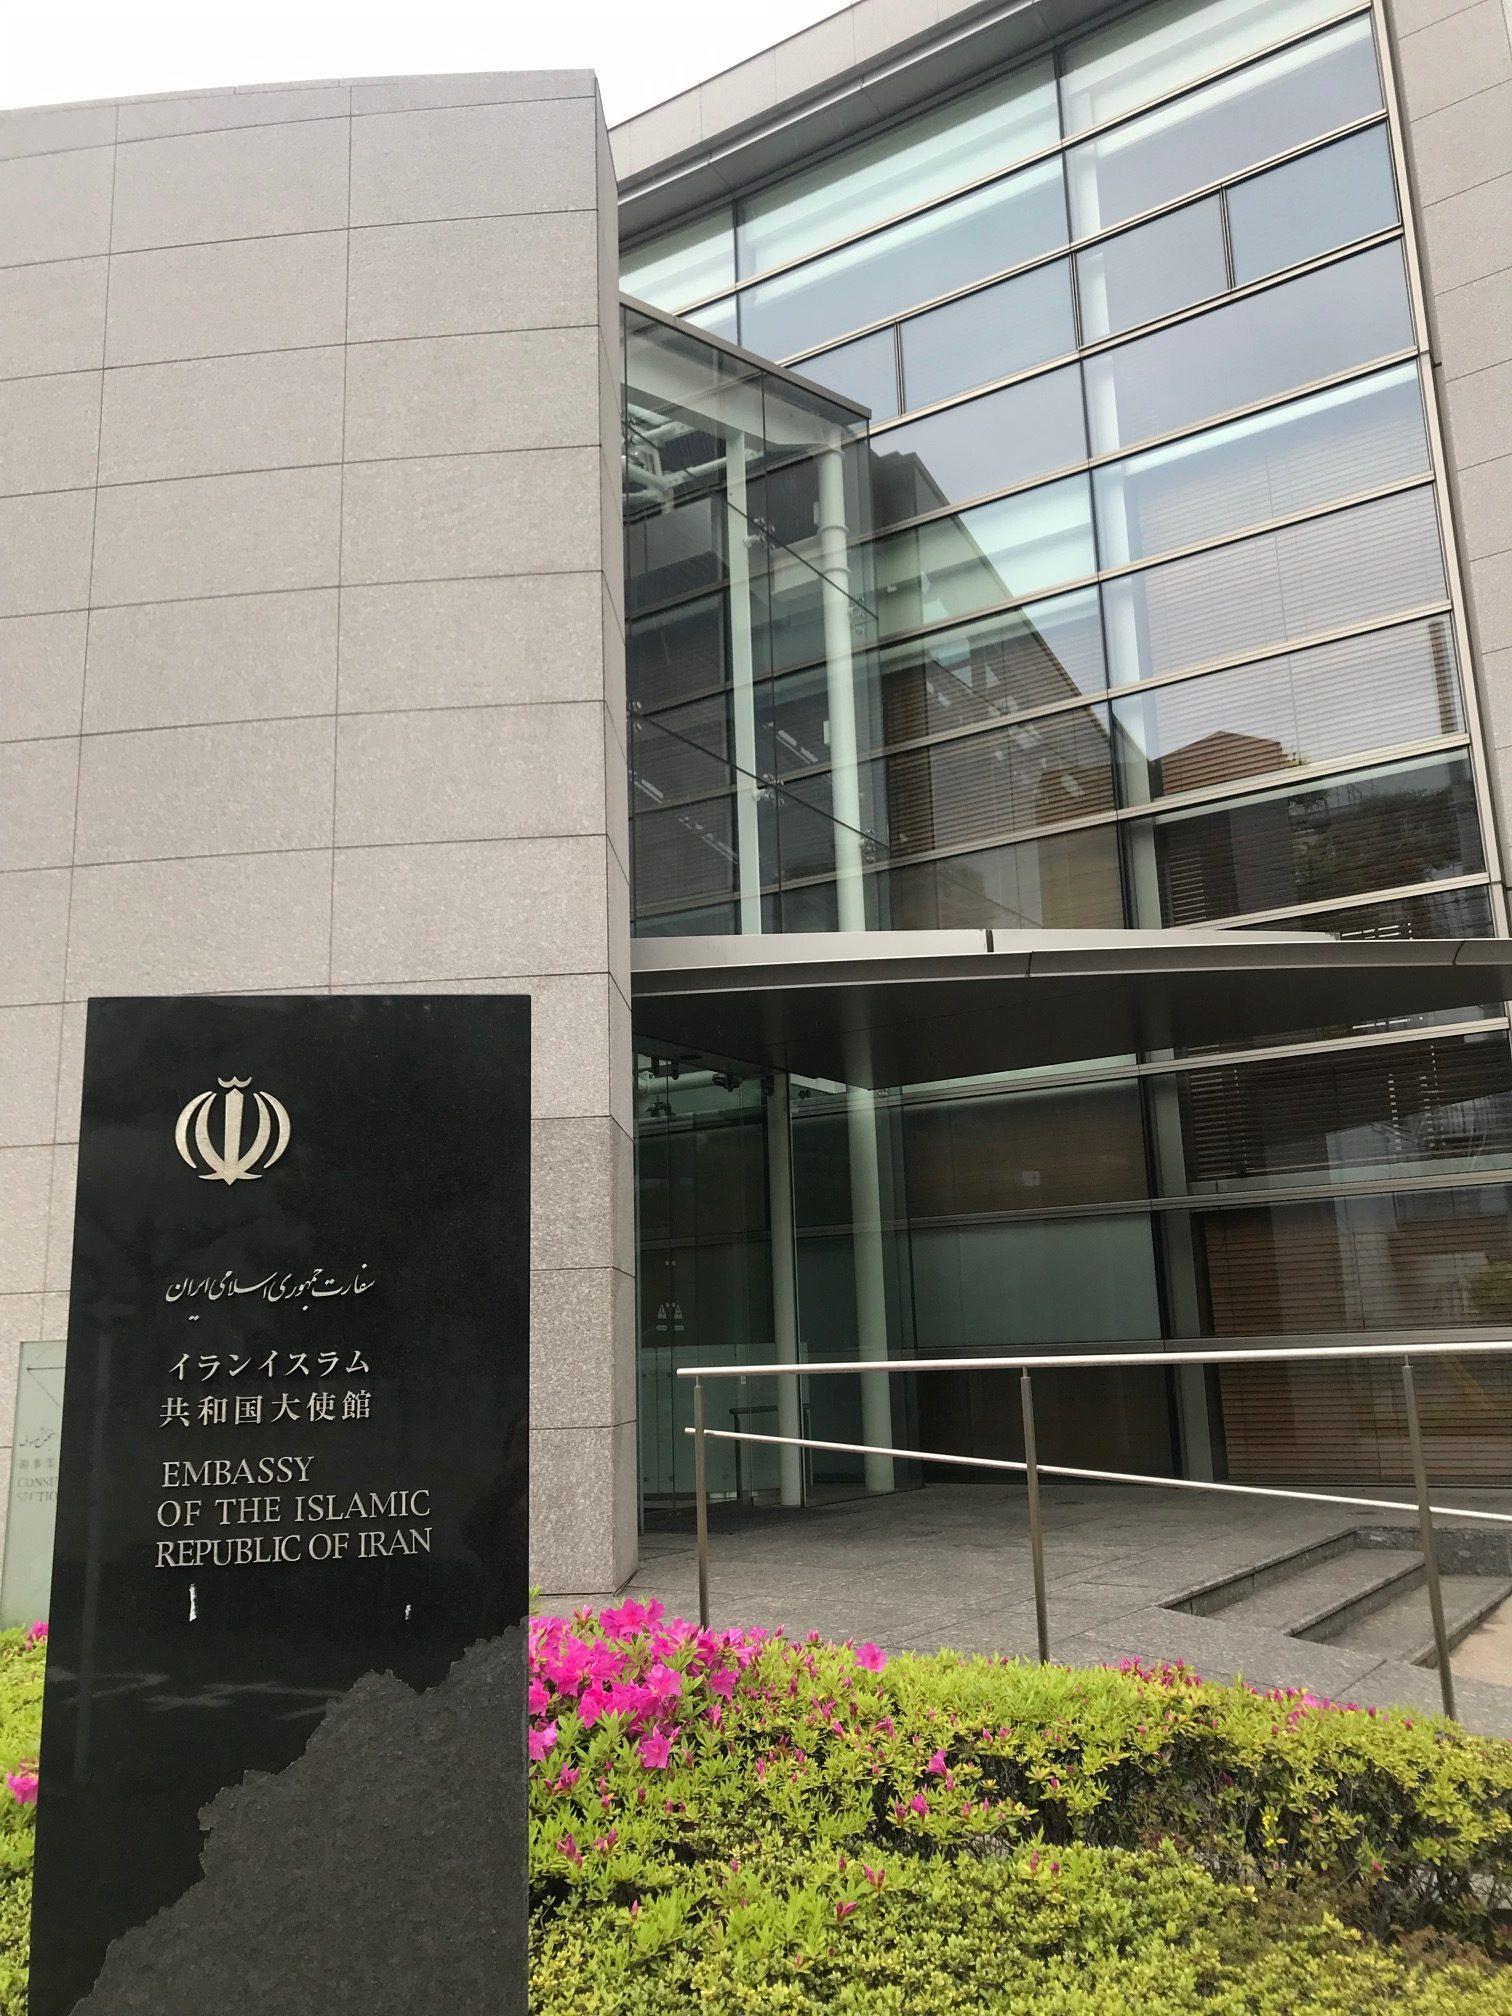 大使館でお茶を@イラン・イスラム共和国大使館」に向けて | NPO法人 ...